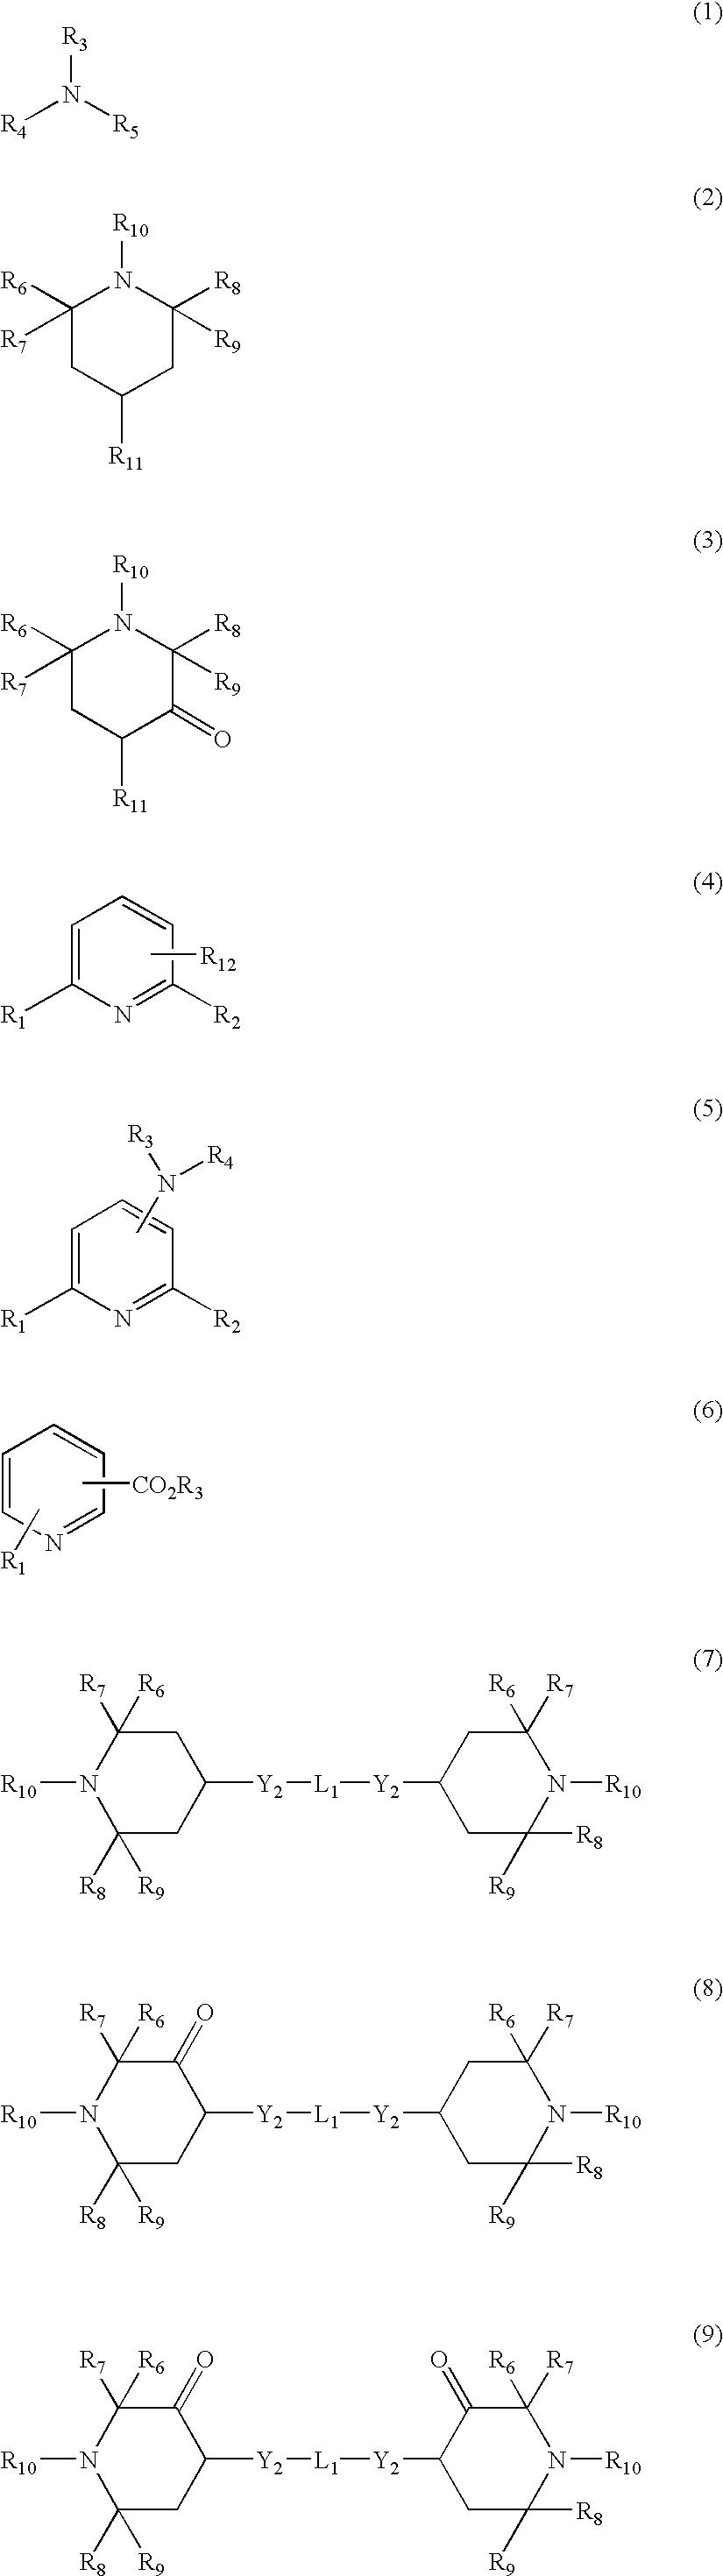 Figure US20070015883A1-20070118-C00010